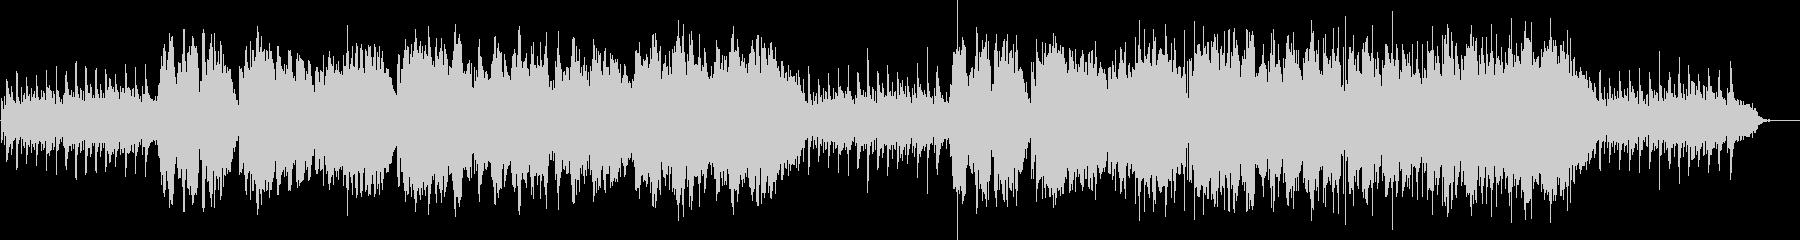 二胡生演奏の和風で穏やかなヒーリングの未再生の波形